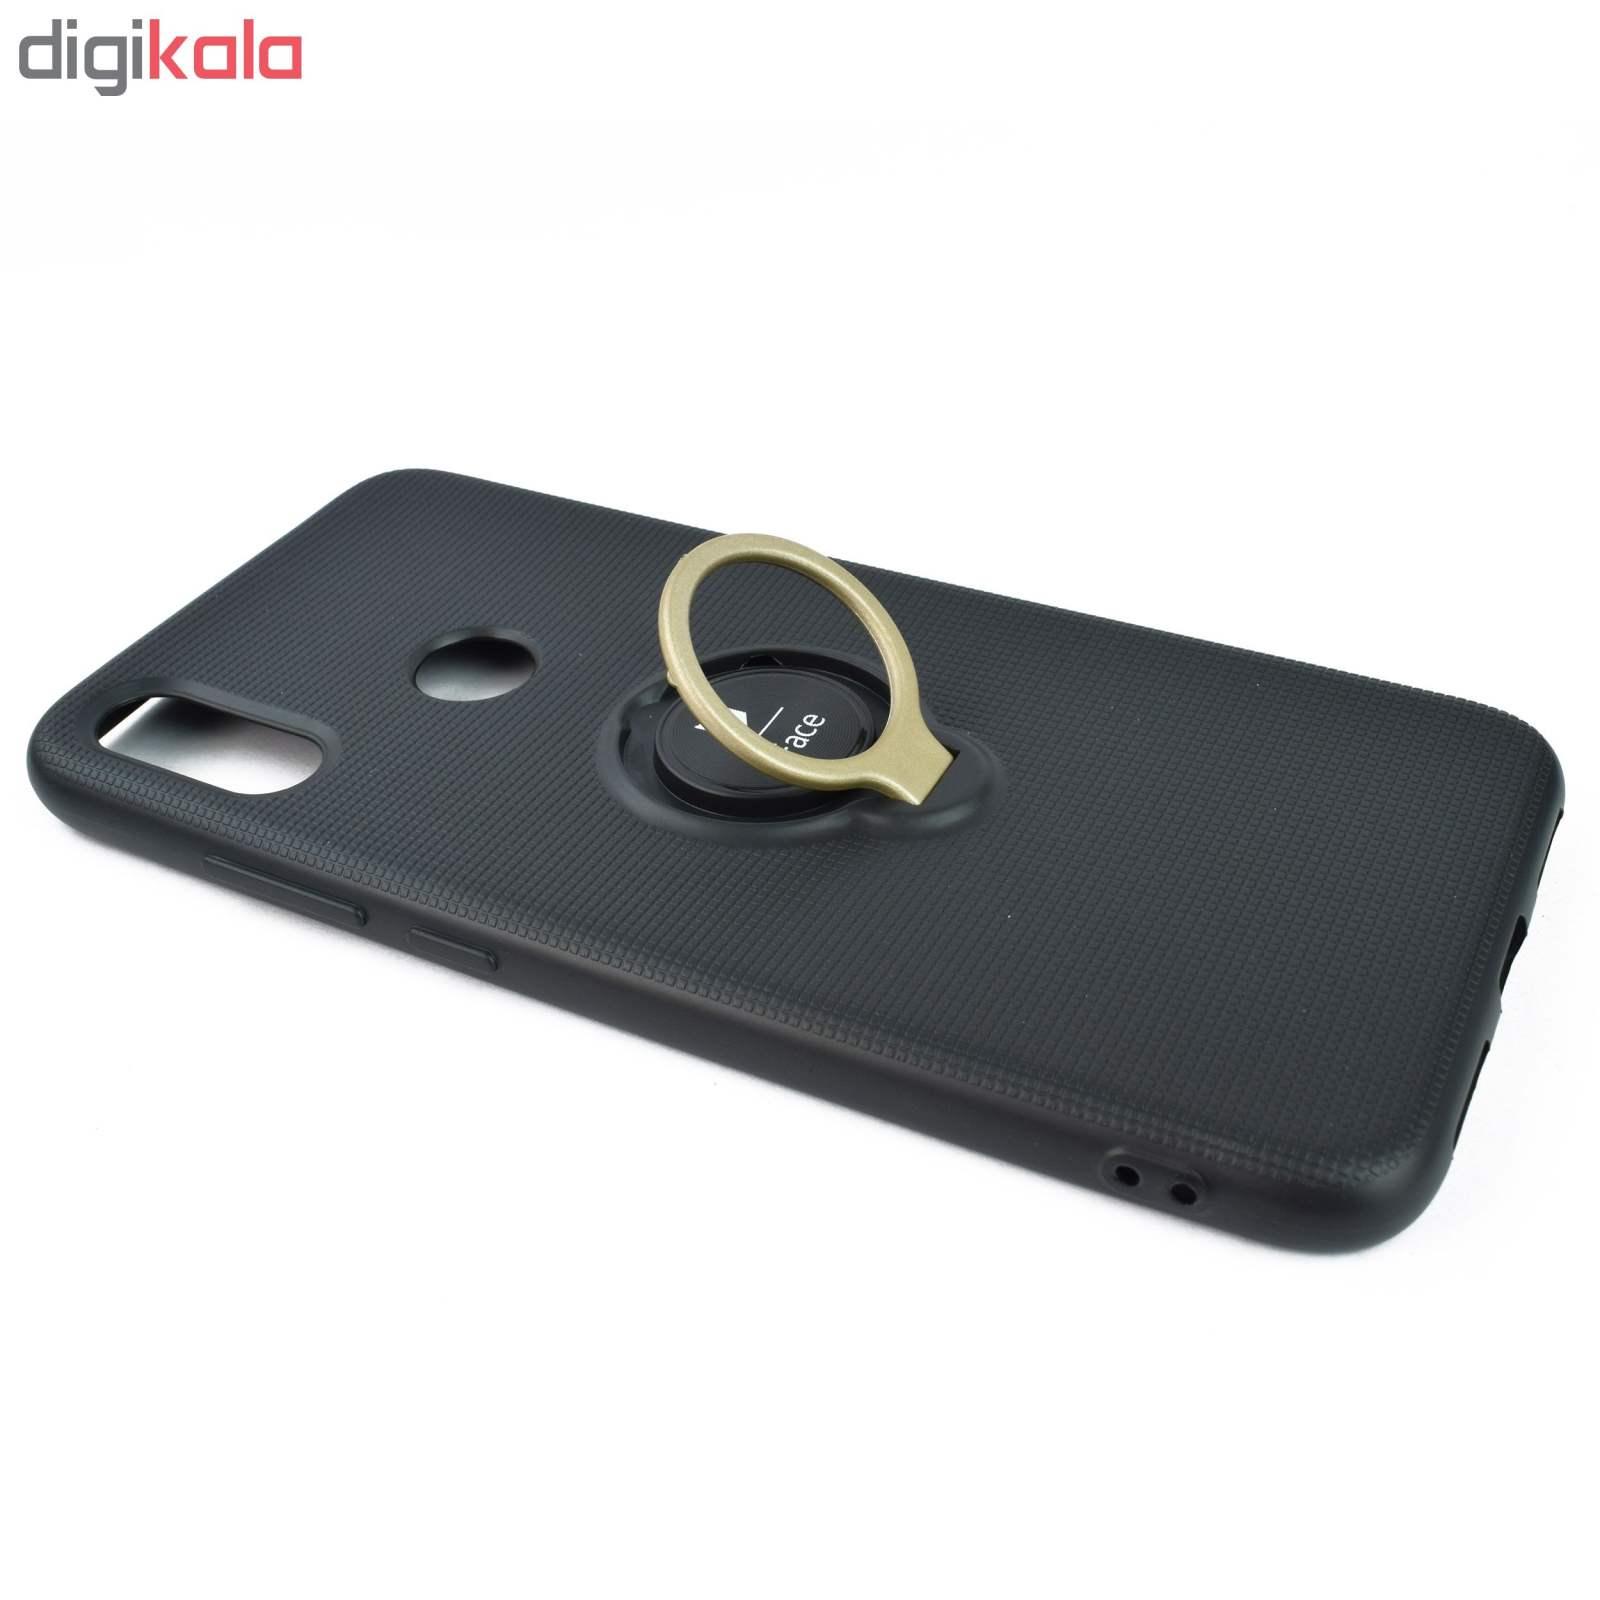 کاور آی فیس مدل IF30 مناسب برای گوشی موبایل شیائومی Redmi Note 7 / Note 7 Pro main 1 7